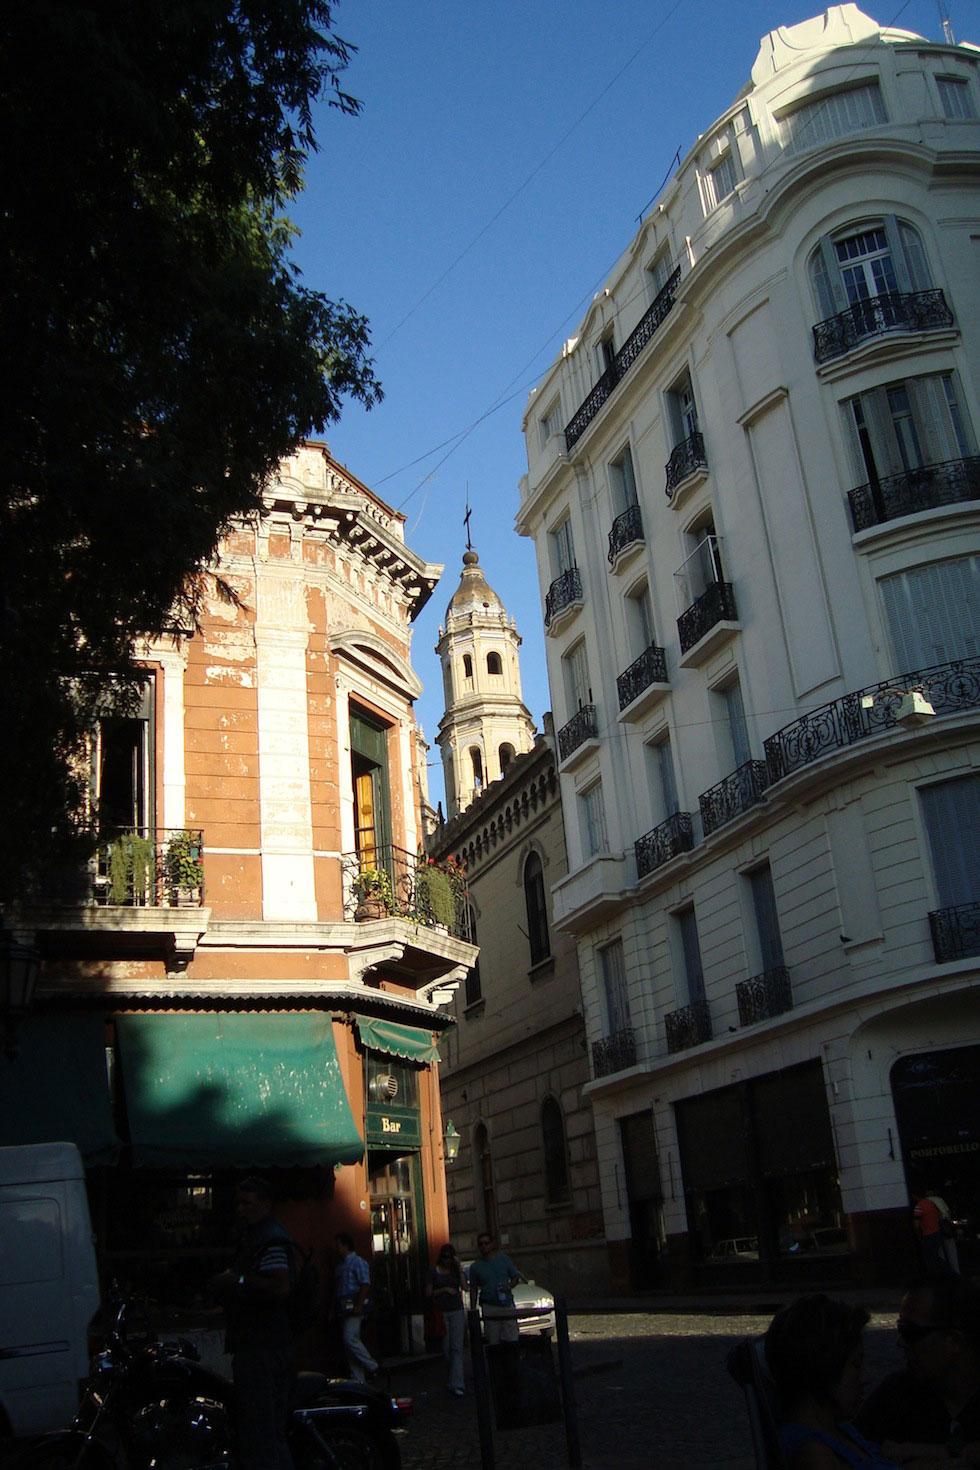 Plaza Dorrego, with Bar Dorrego on the left